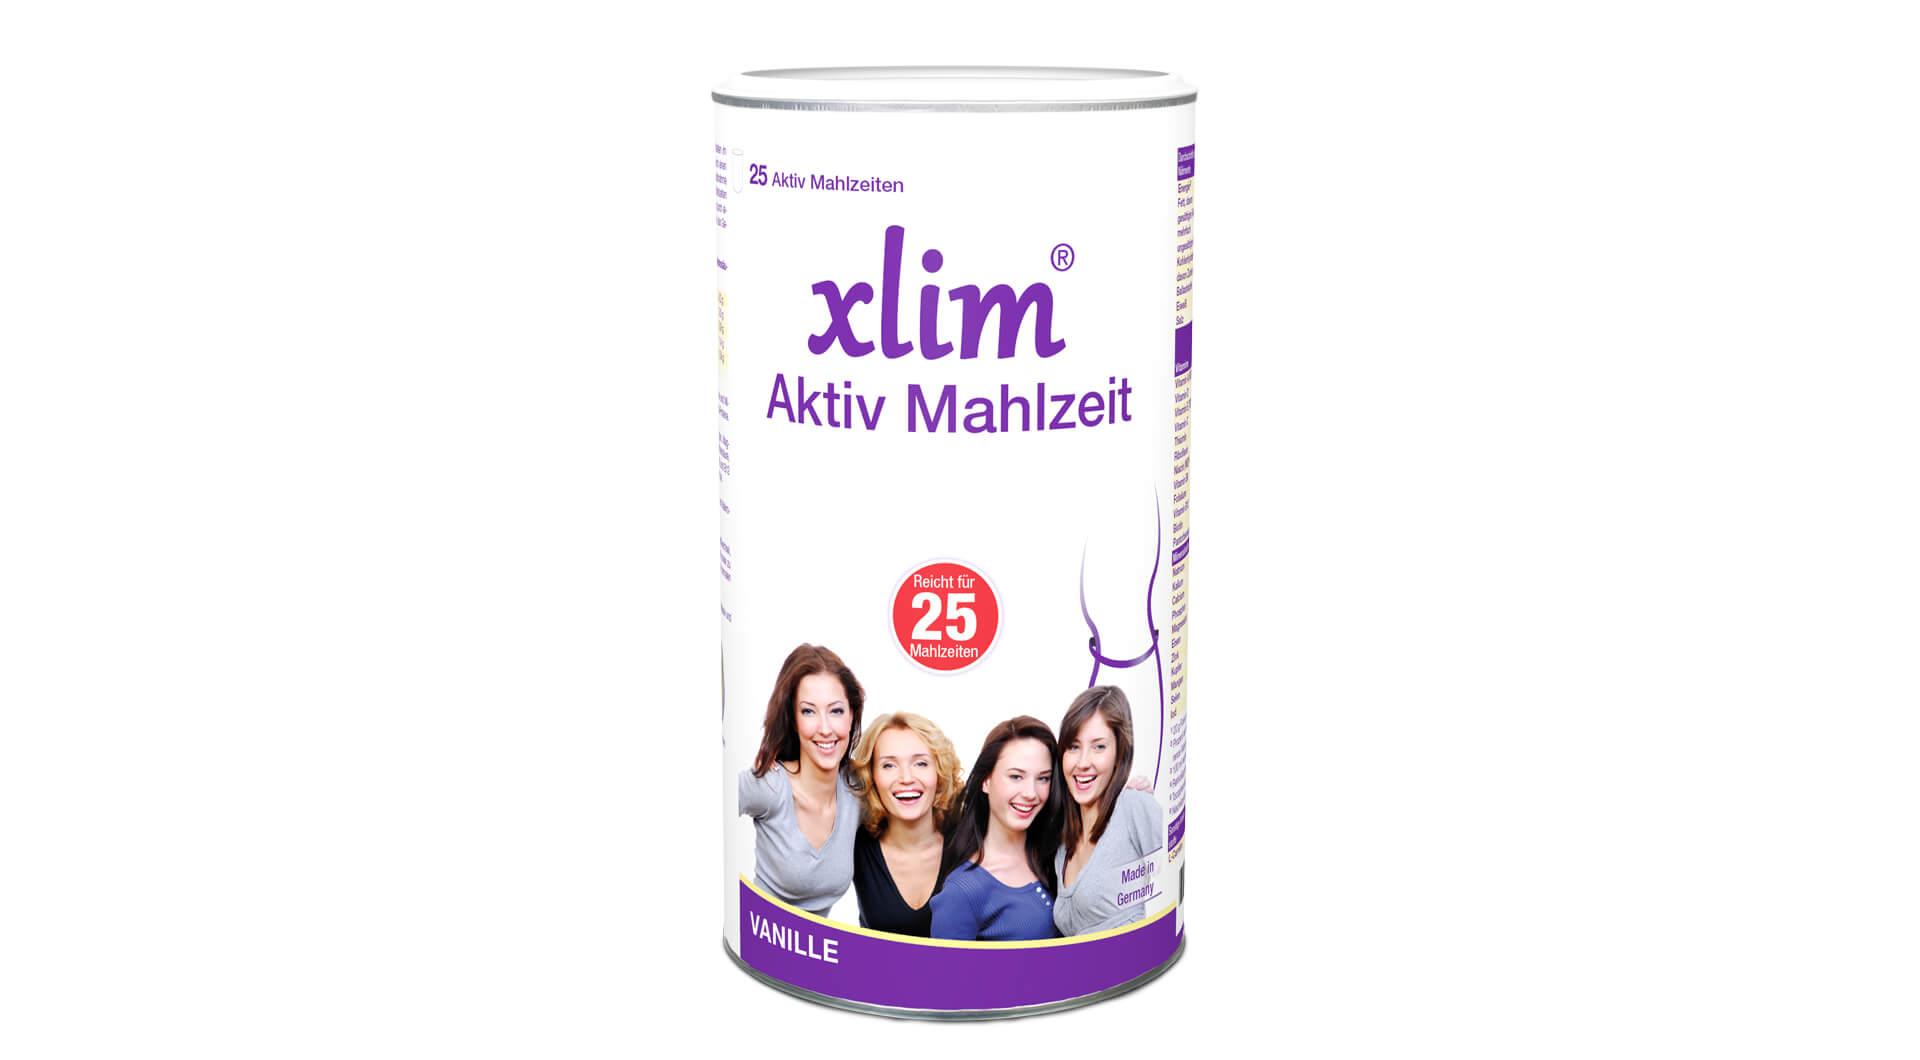 xlim Aktiv Mahlzeit